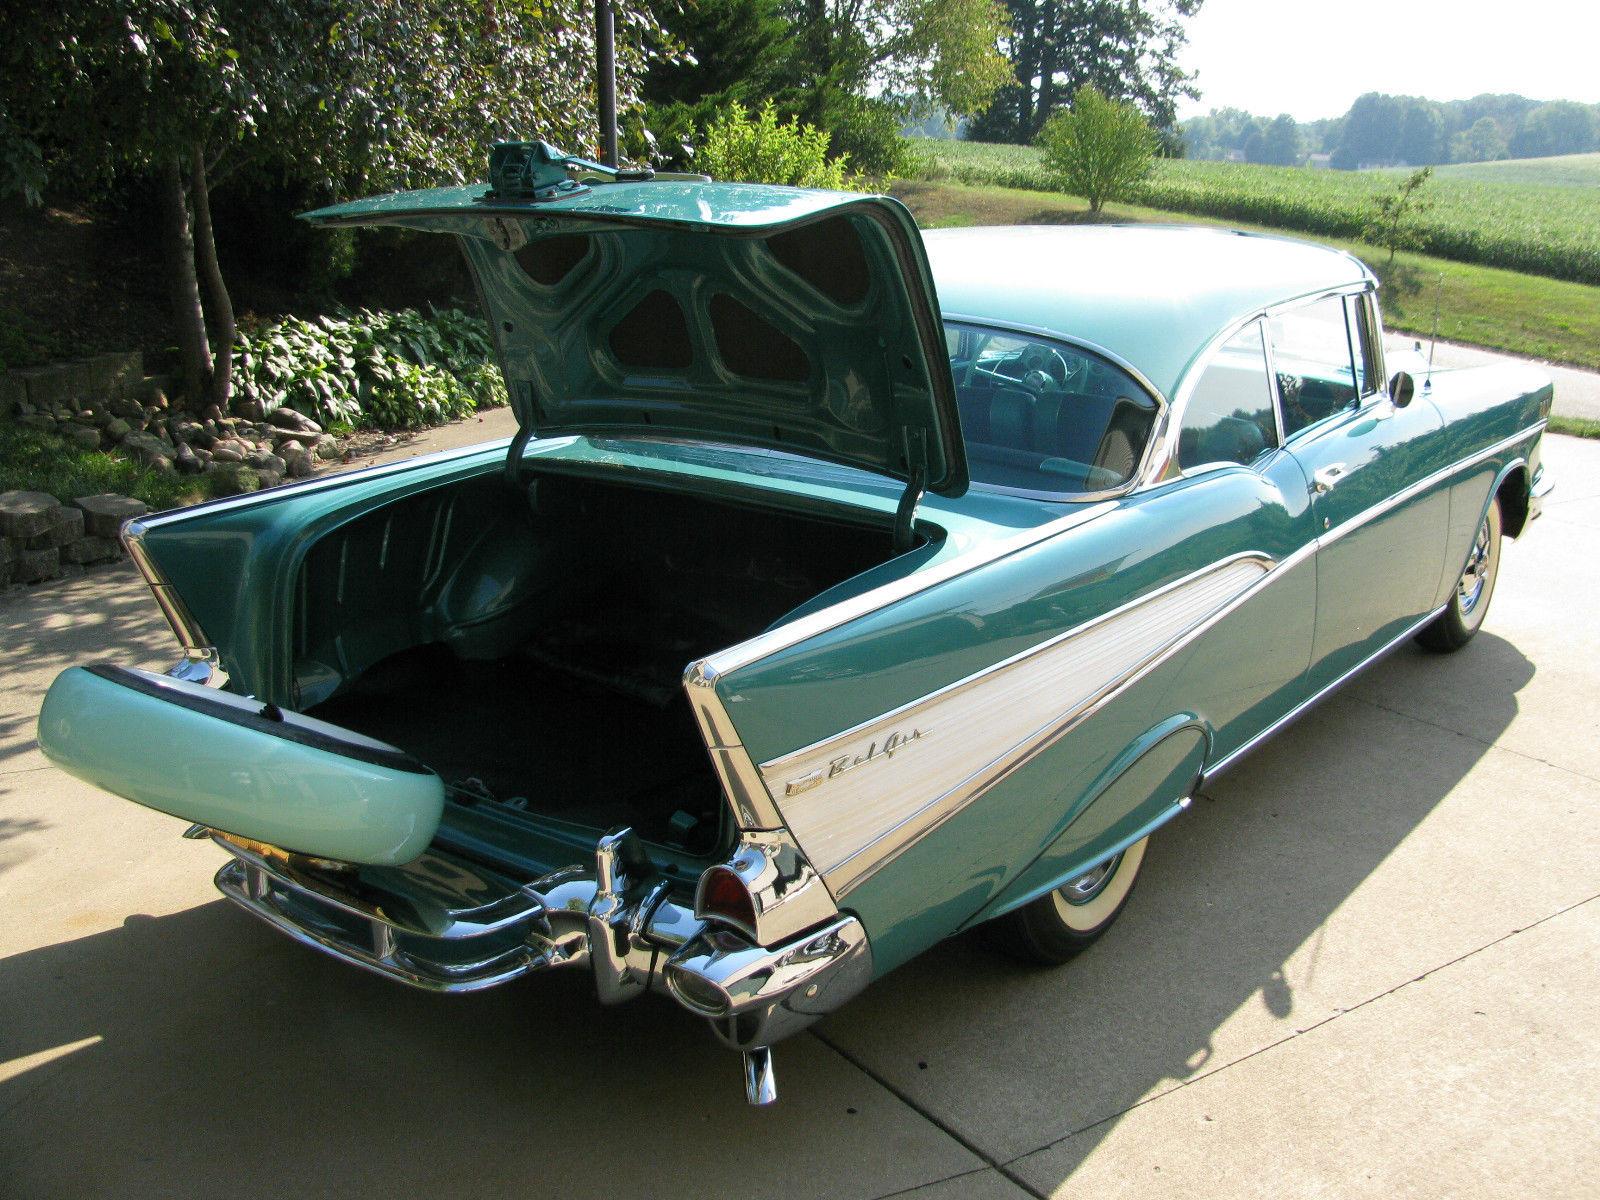 57 Chevy Belair 2 Door Hardtop Restored Beautiful Vintage 1957 Bel Air Retro Sharp